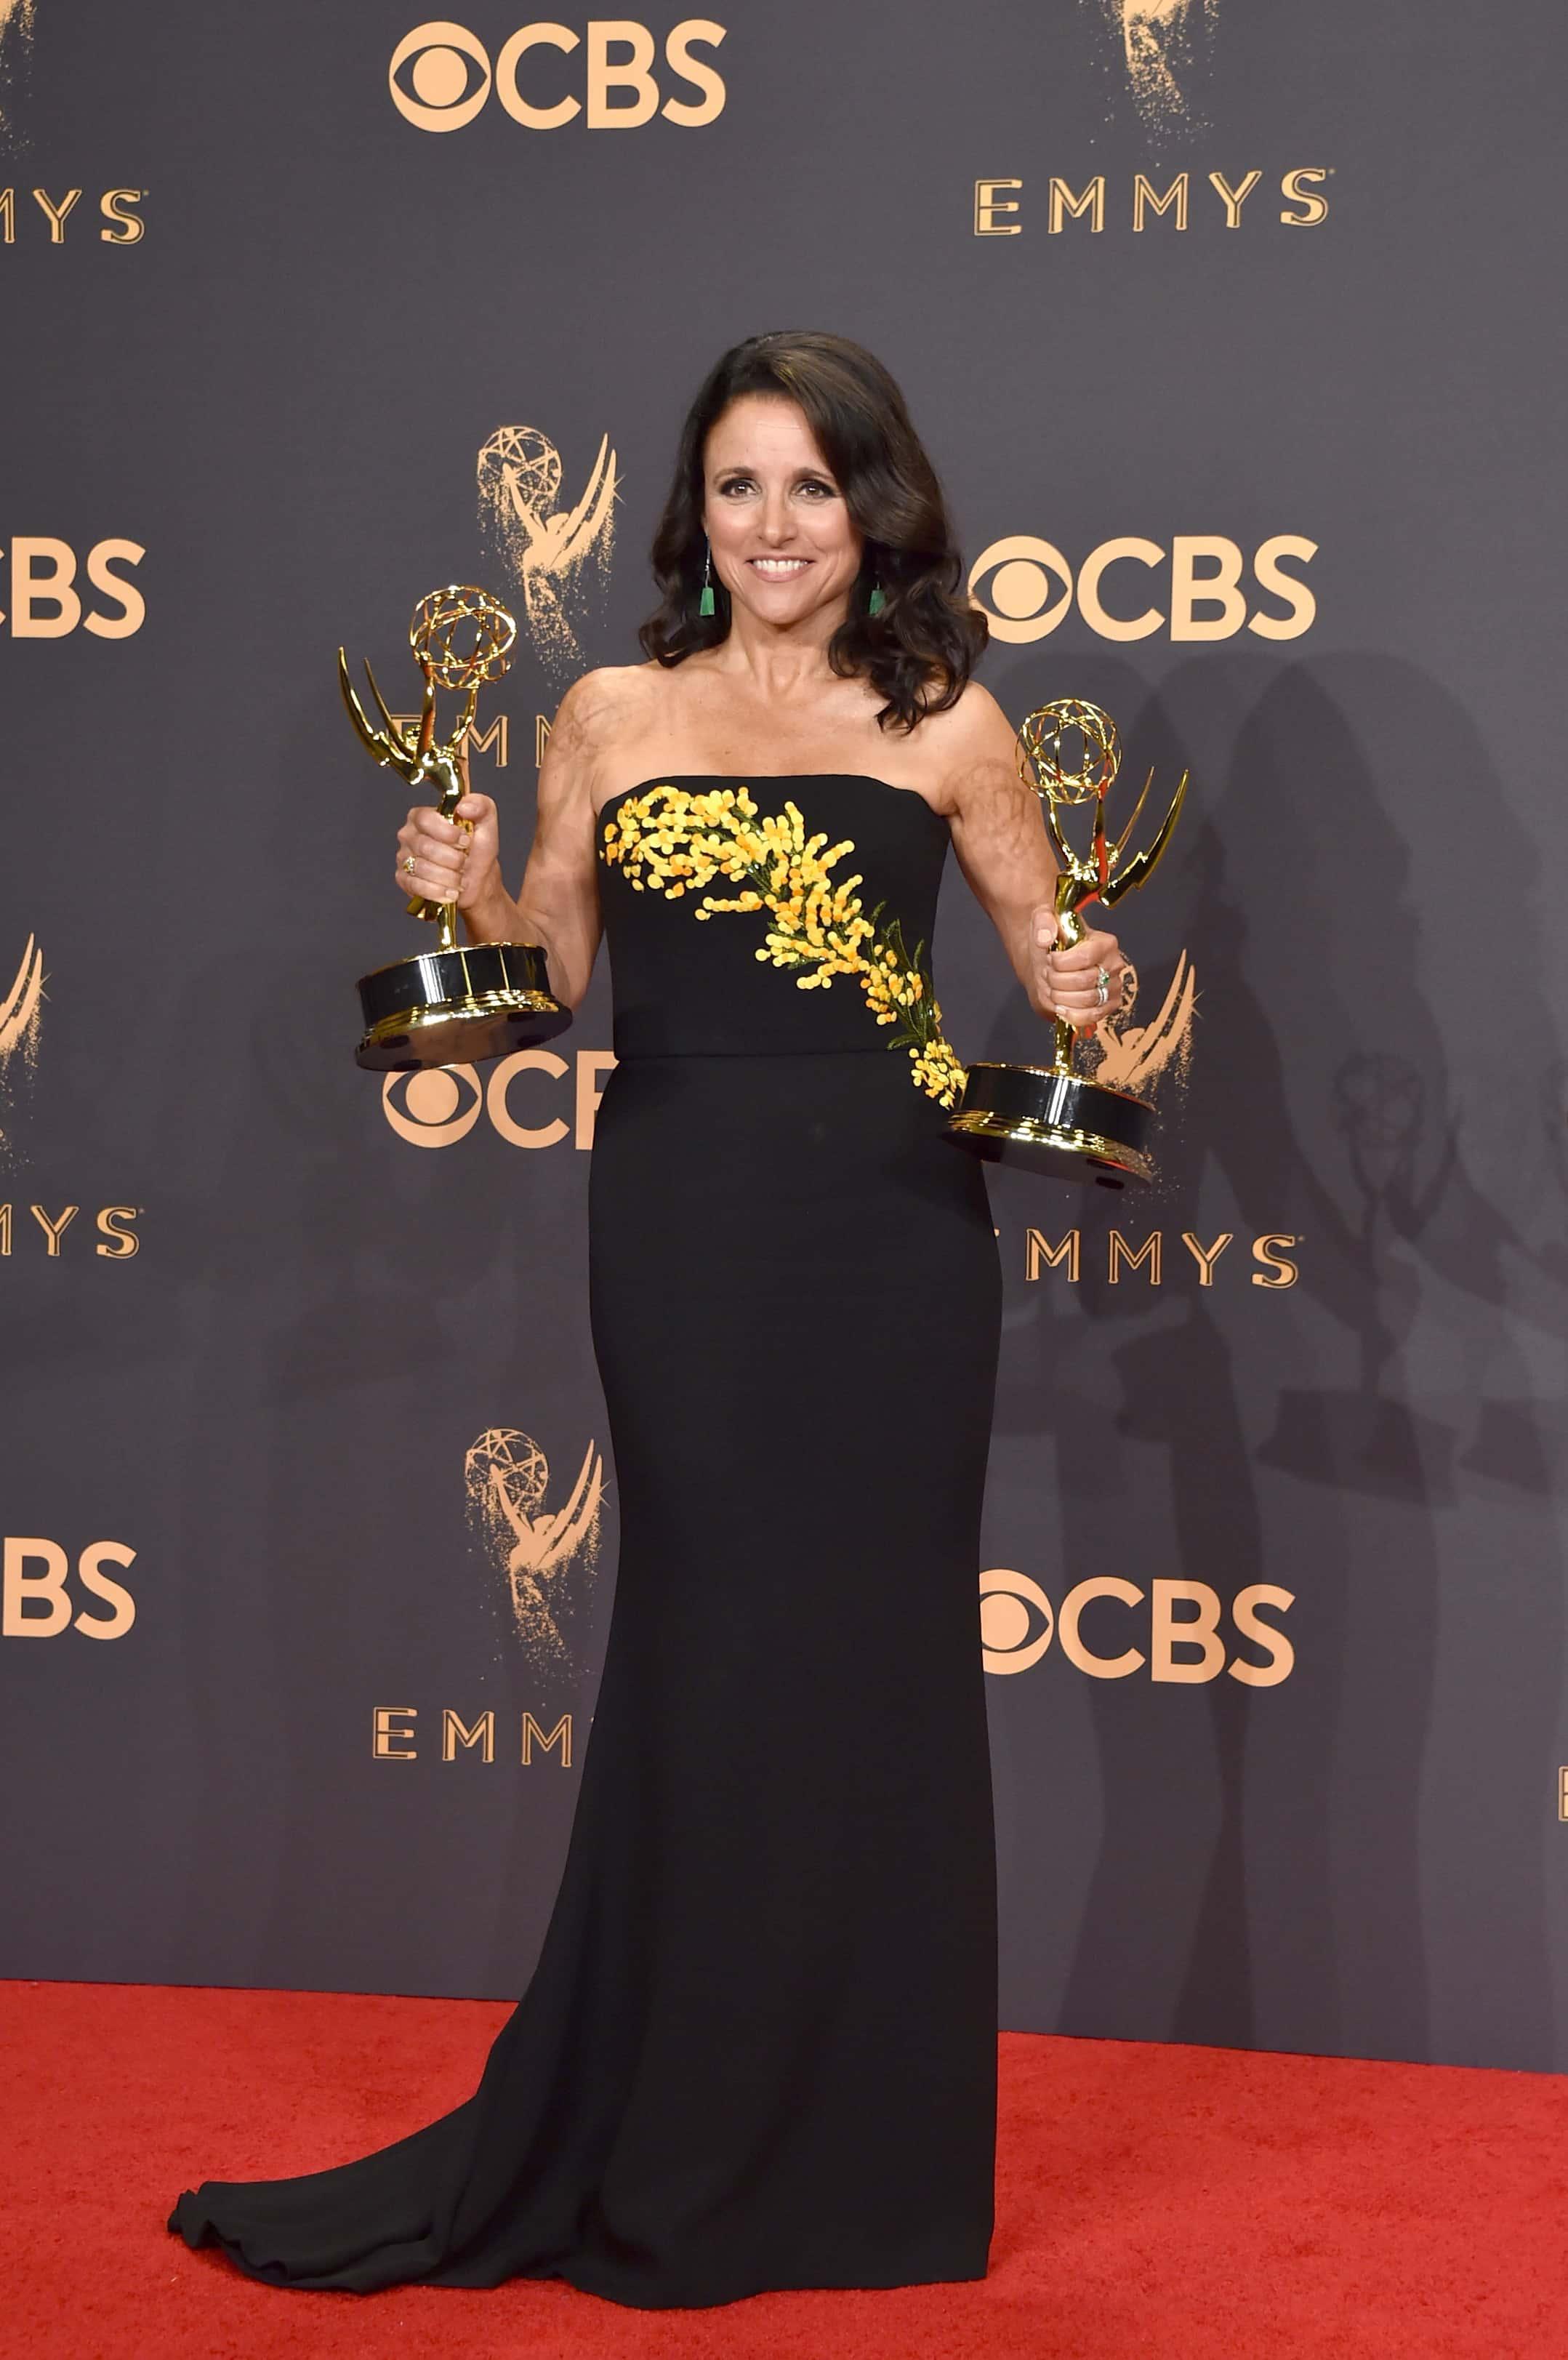 Emmys 2019: Why Julia Louis-Dreyfus starrer 'Veep' deserves